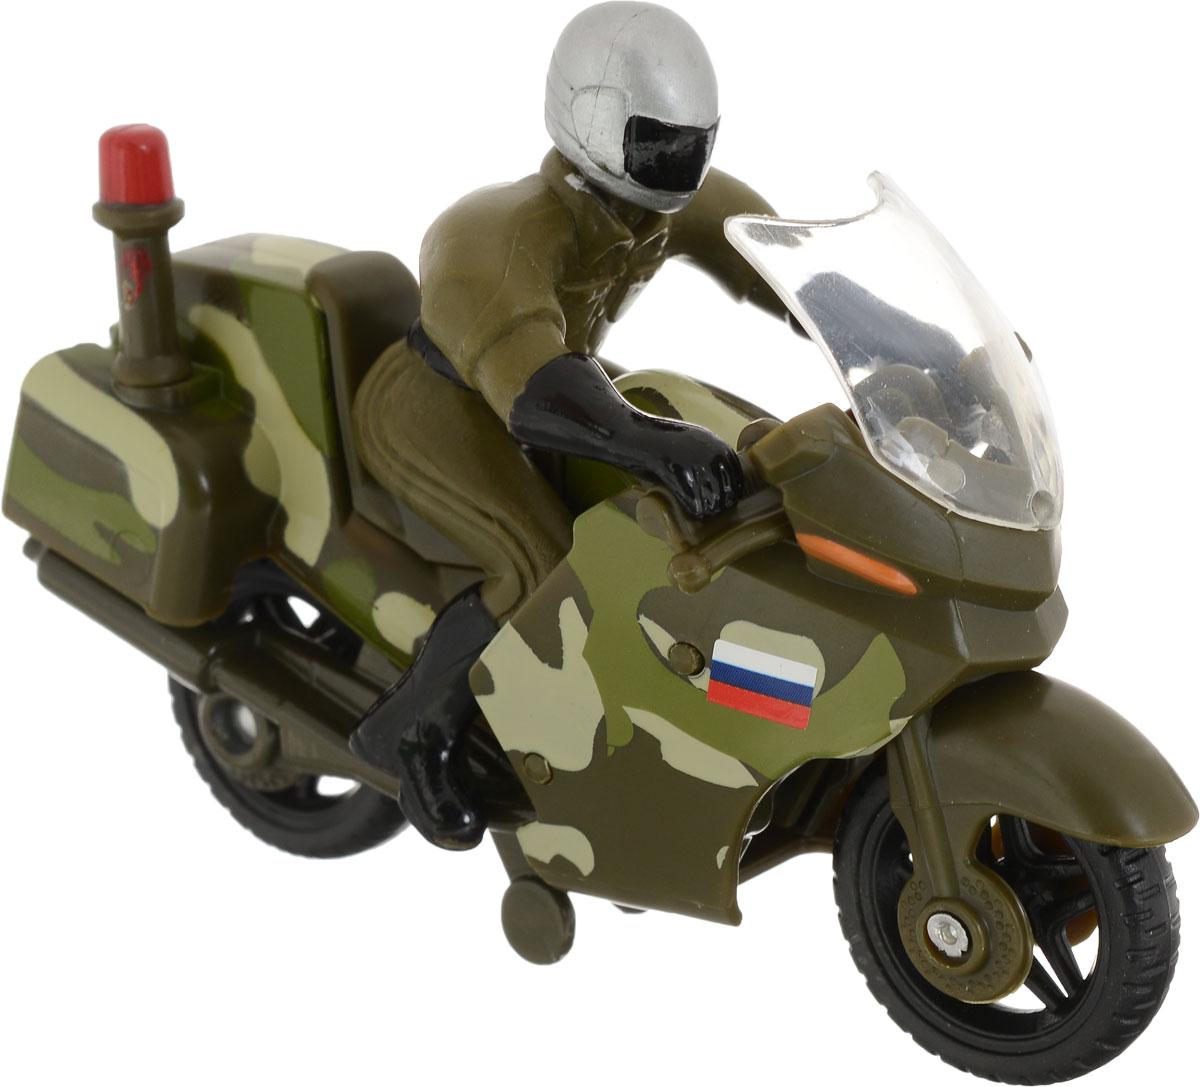 ТехноПарк Мотоцикл вооруженные силы с фигуркой цвет хаки